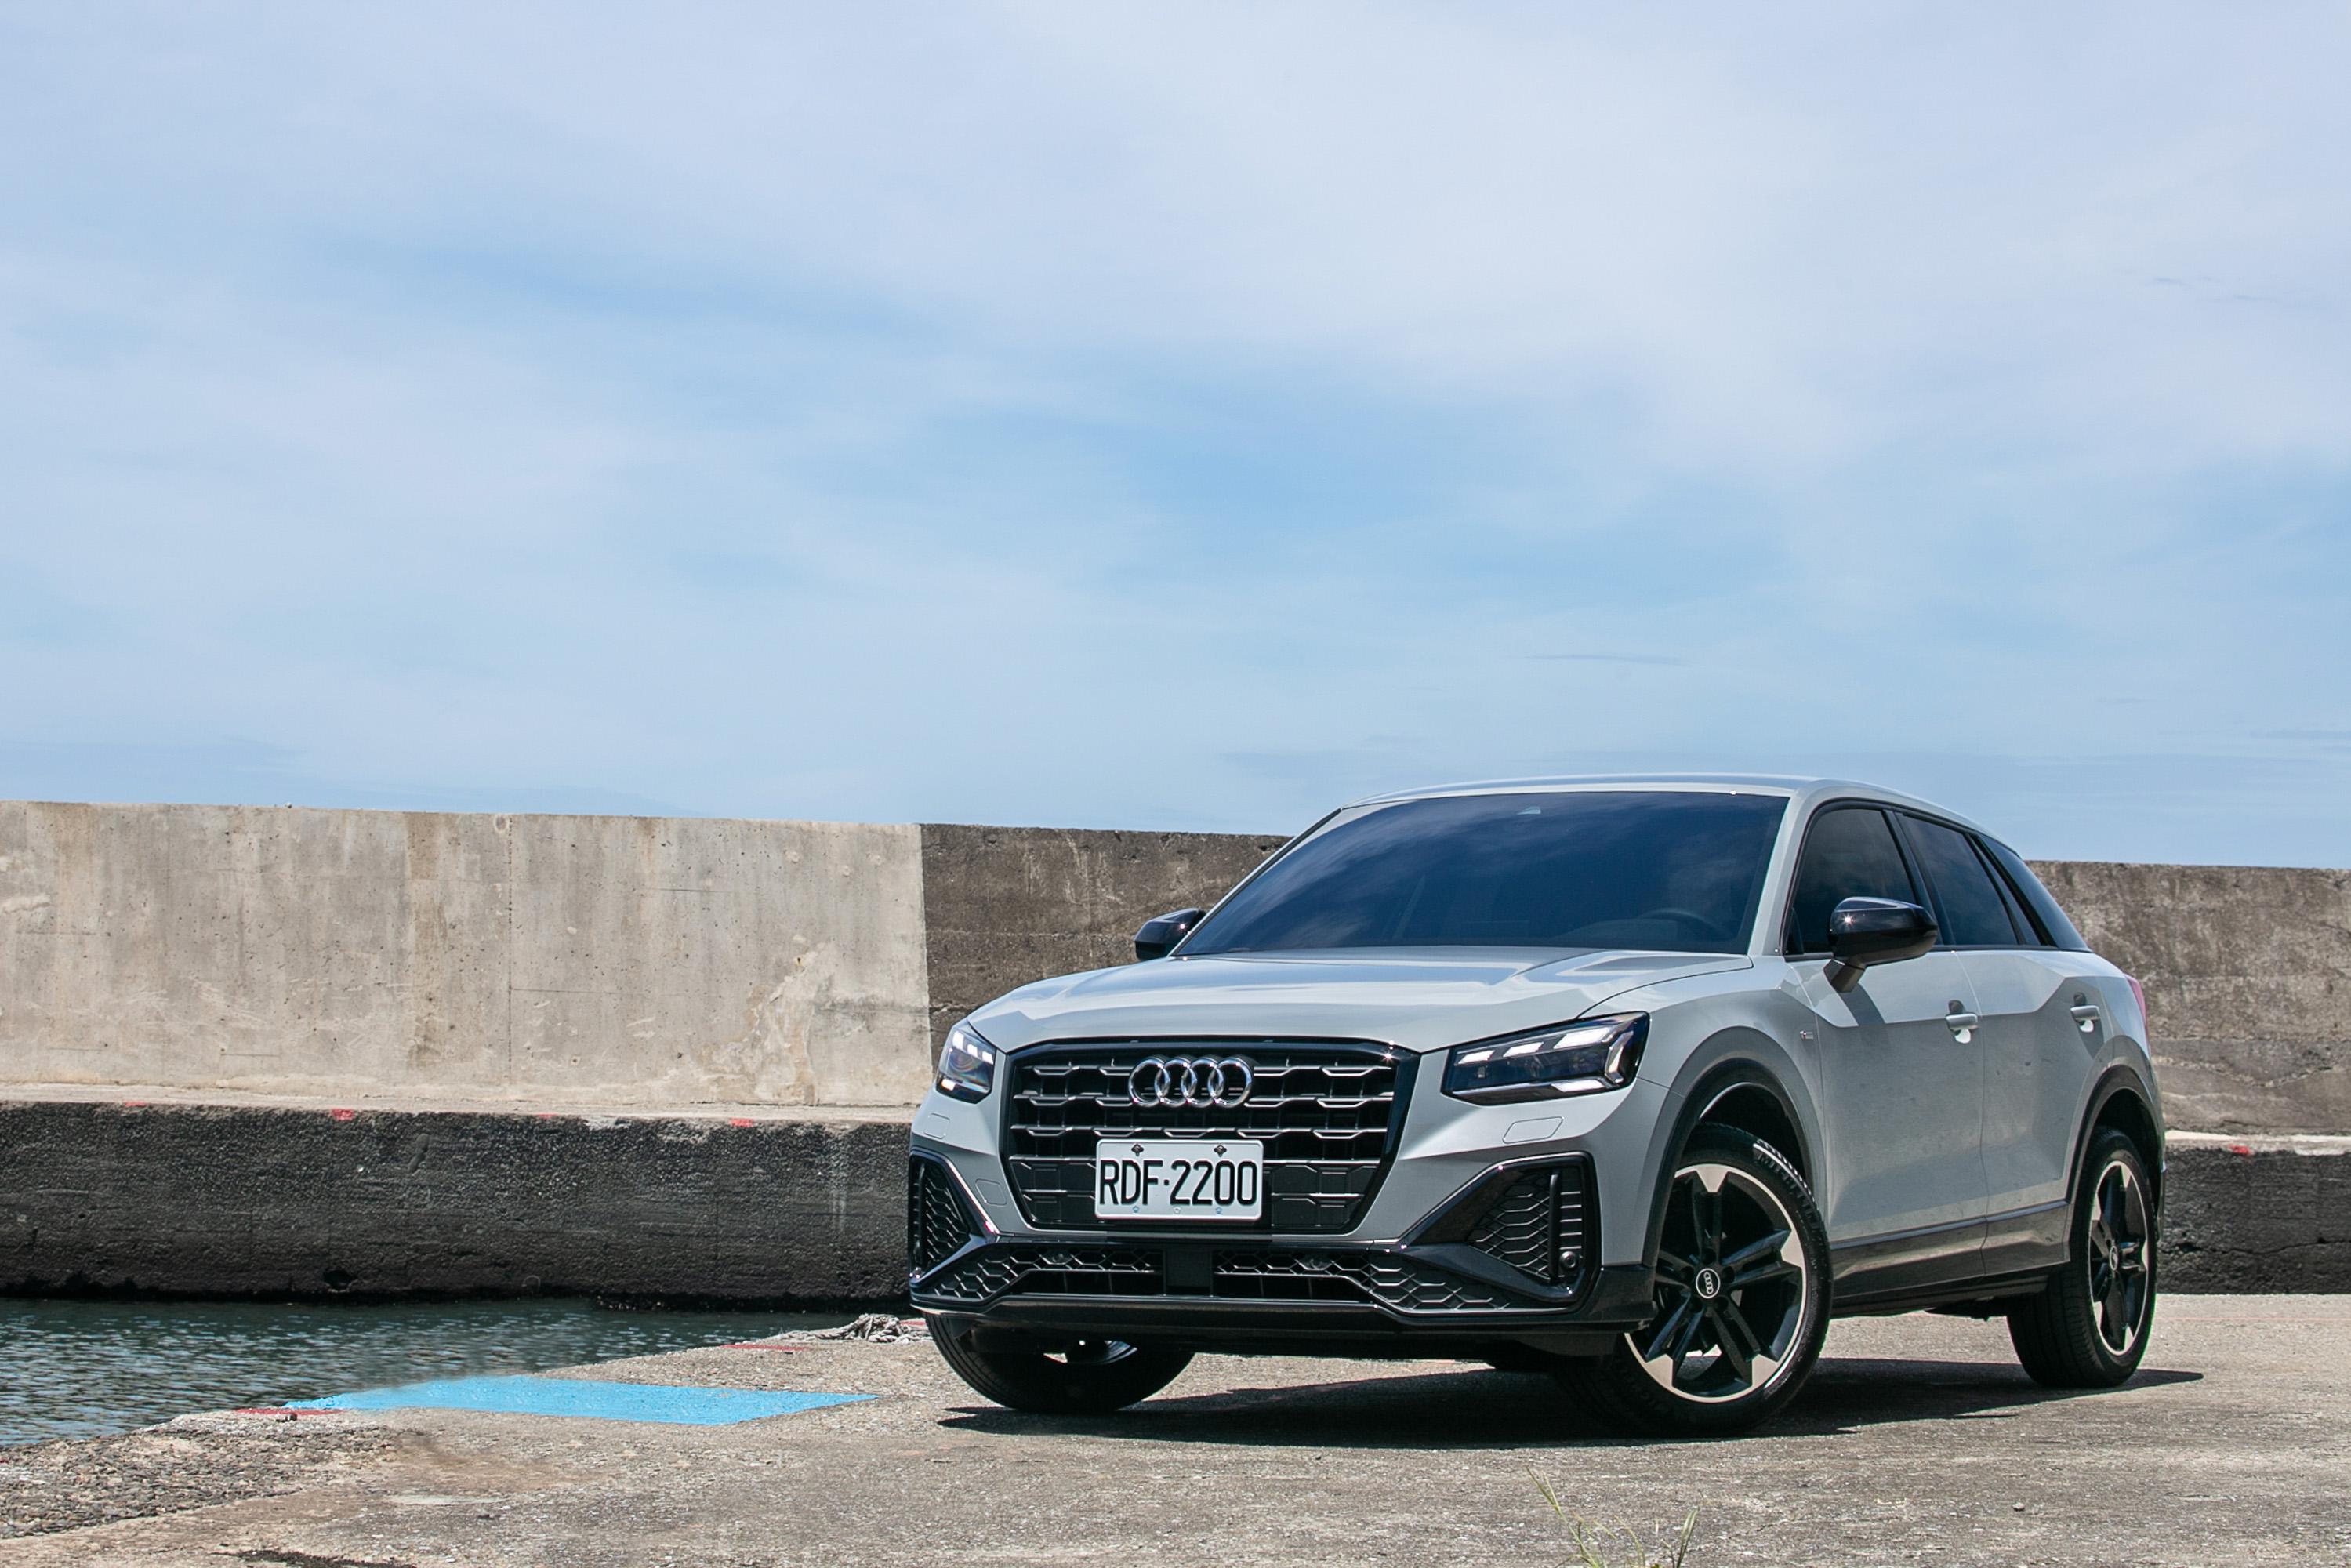 試駕車型為 Audi 小改款 Q2 35 TFSI S line,售價為新台幣 176 萬元起。